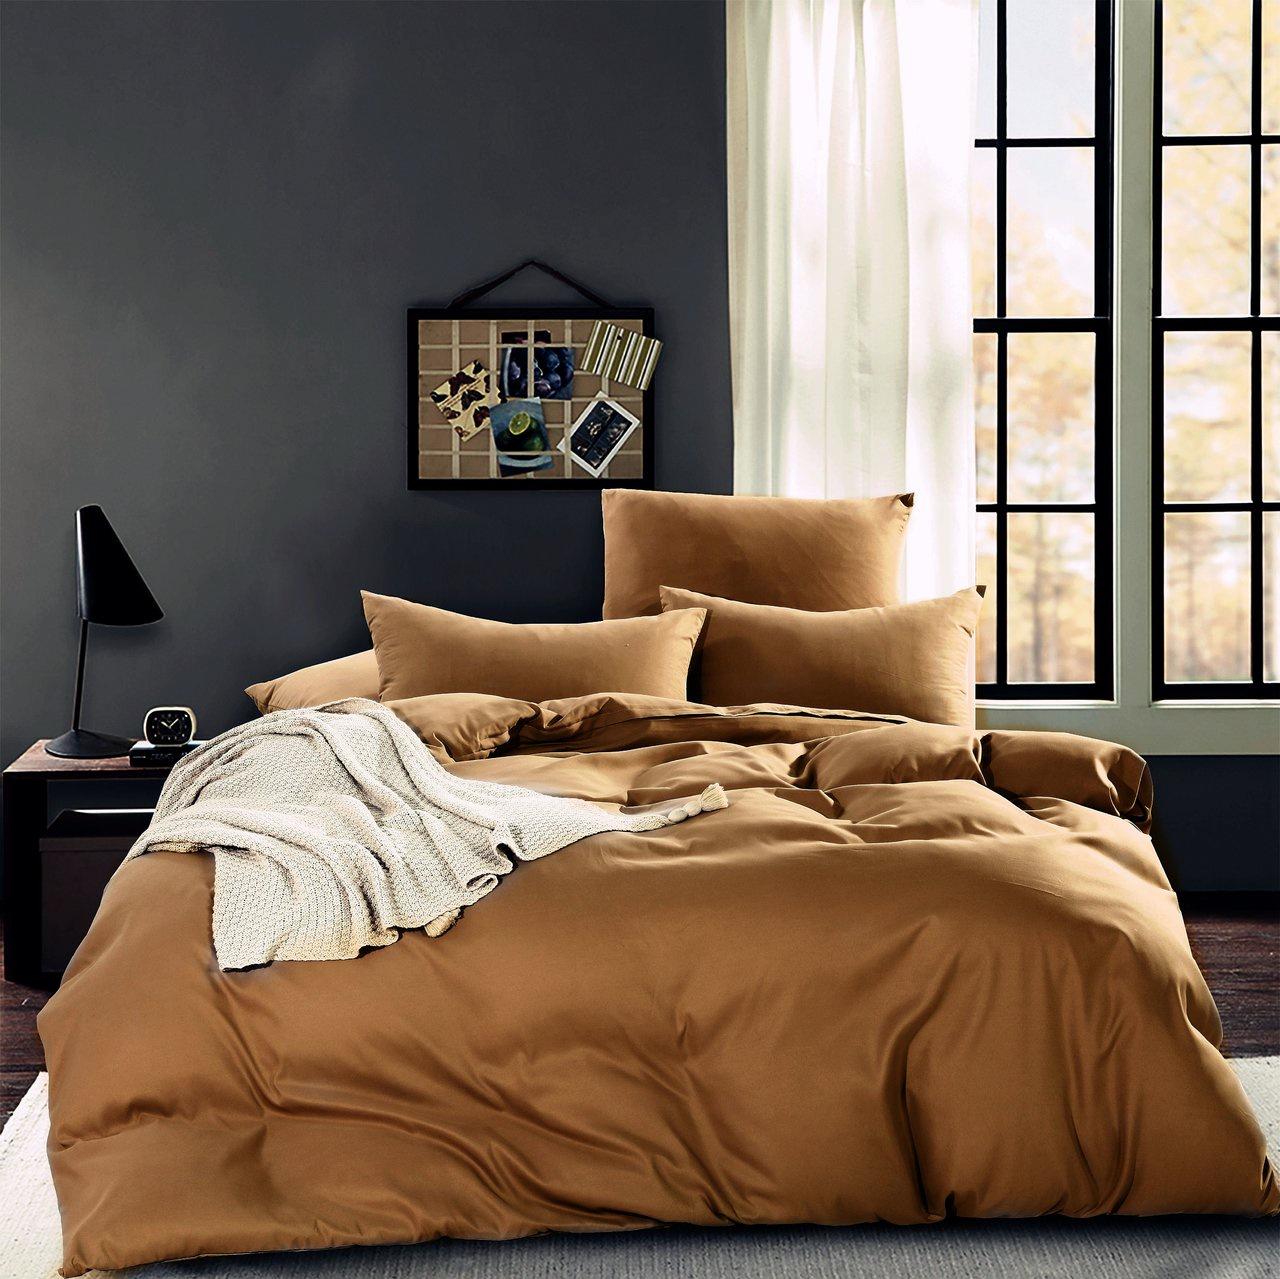 Комплект постельного белья Ситрейд CS005-2 50-70 2 спальный, наволочки шт